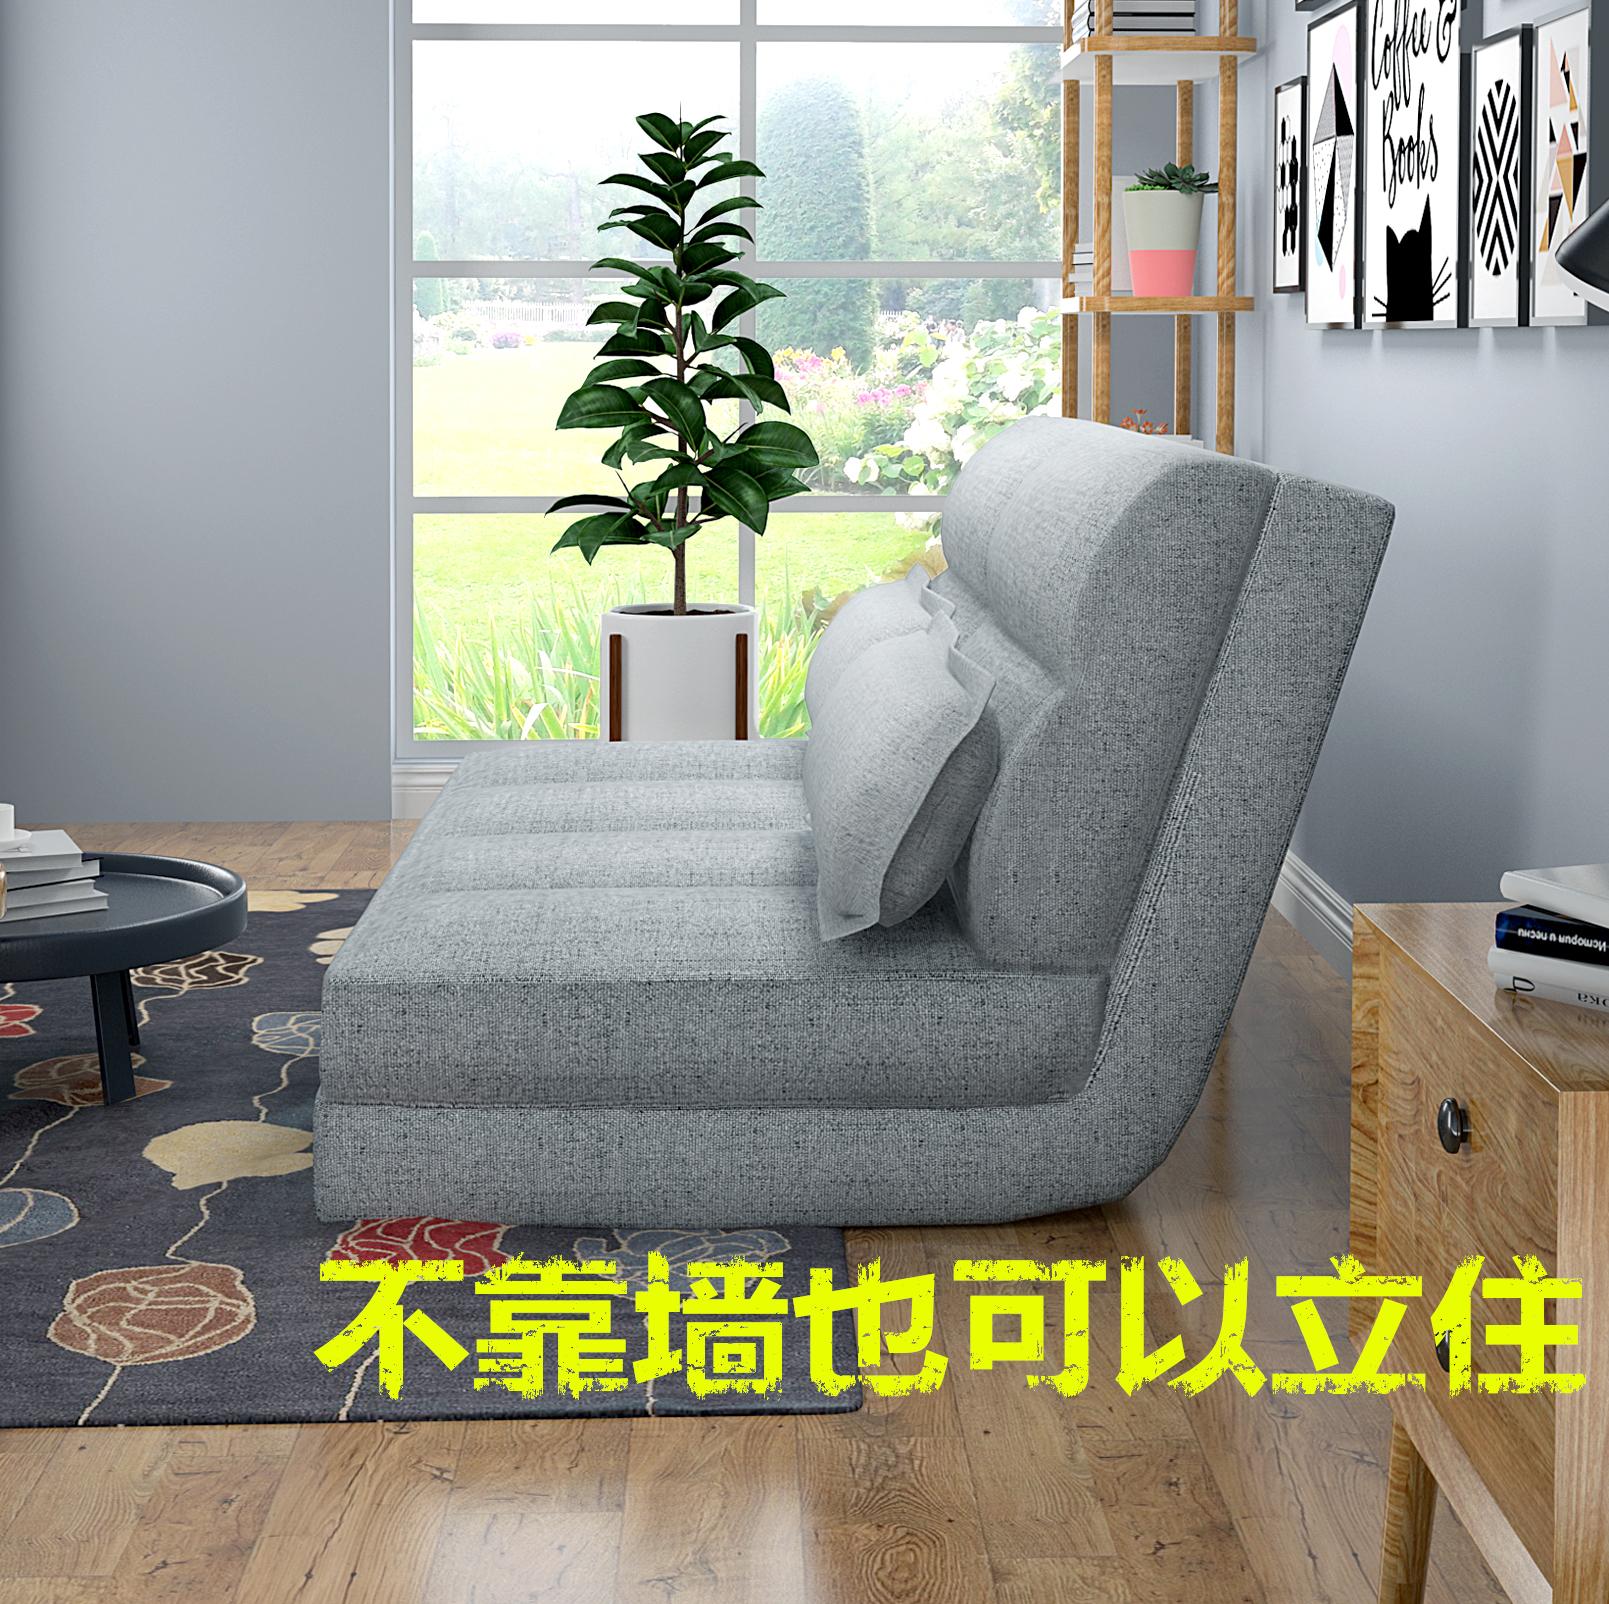 怠け者ソファ折りたたみ可能洗い張り畳シングル2人掛けソファチェア寝室布製ソファベッド